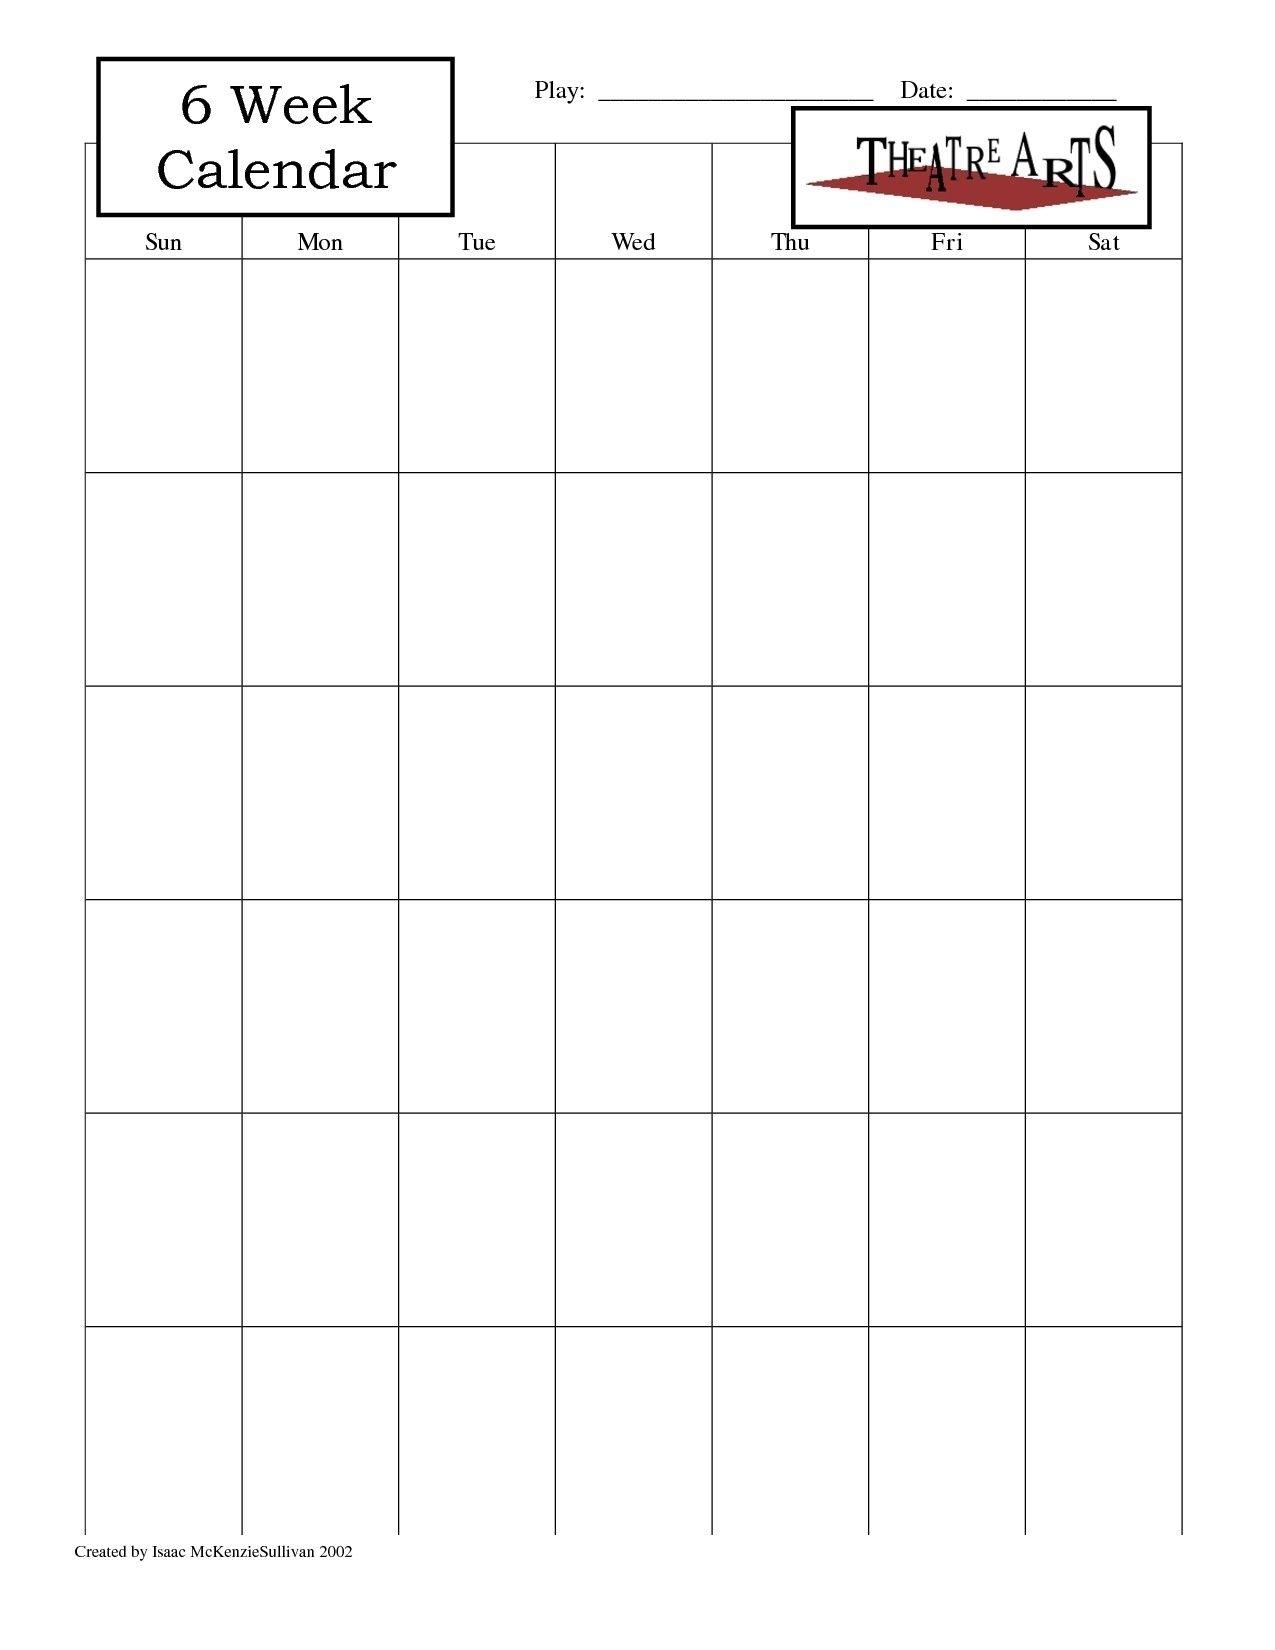 Collect Blank 6 Week Calendar Template